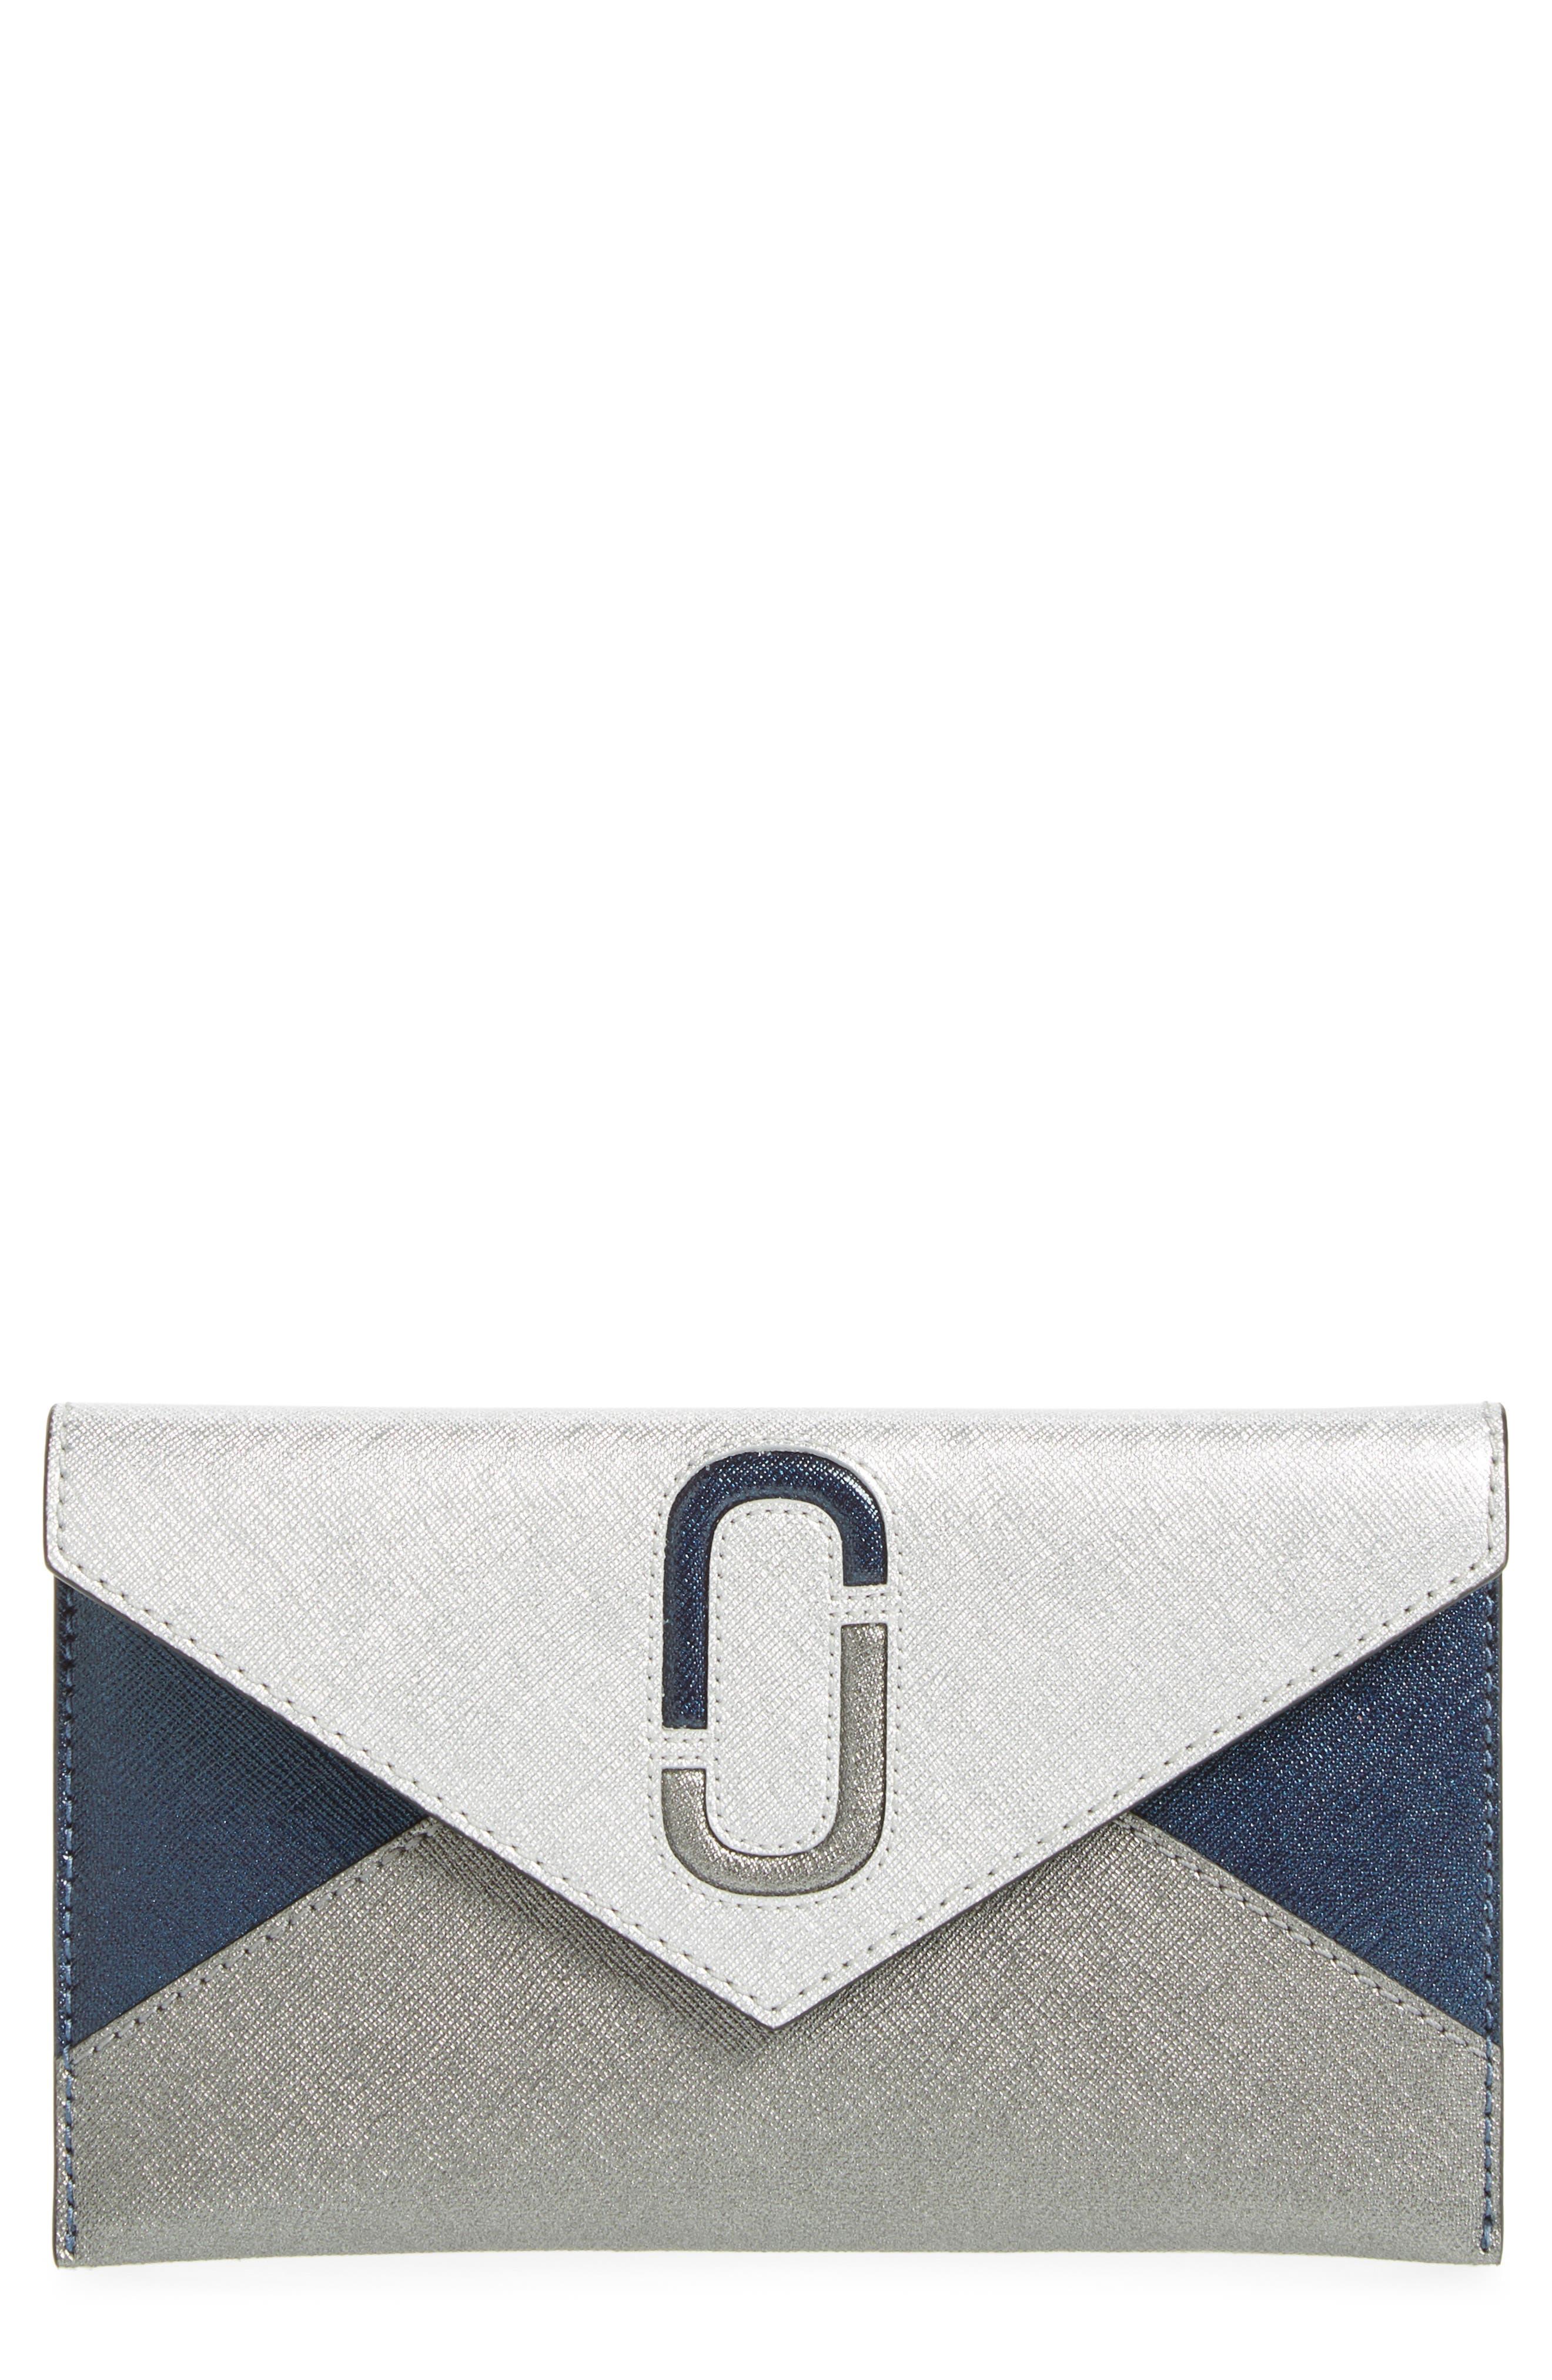 Double-J Saffiano Leather Pouch,                         Main,                         color, 040